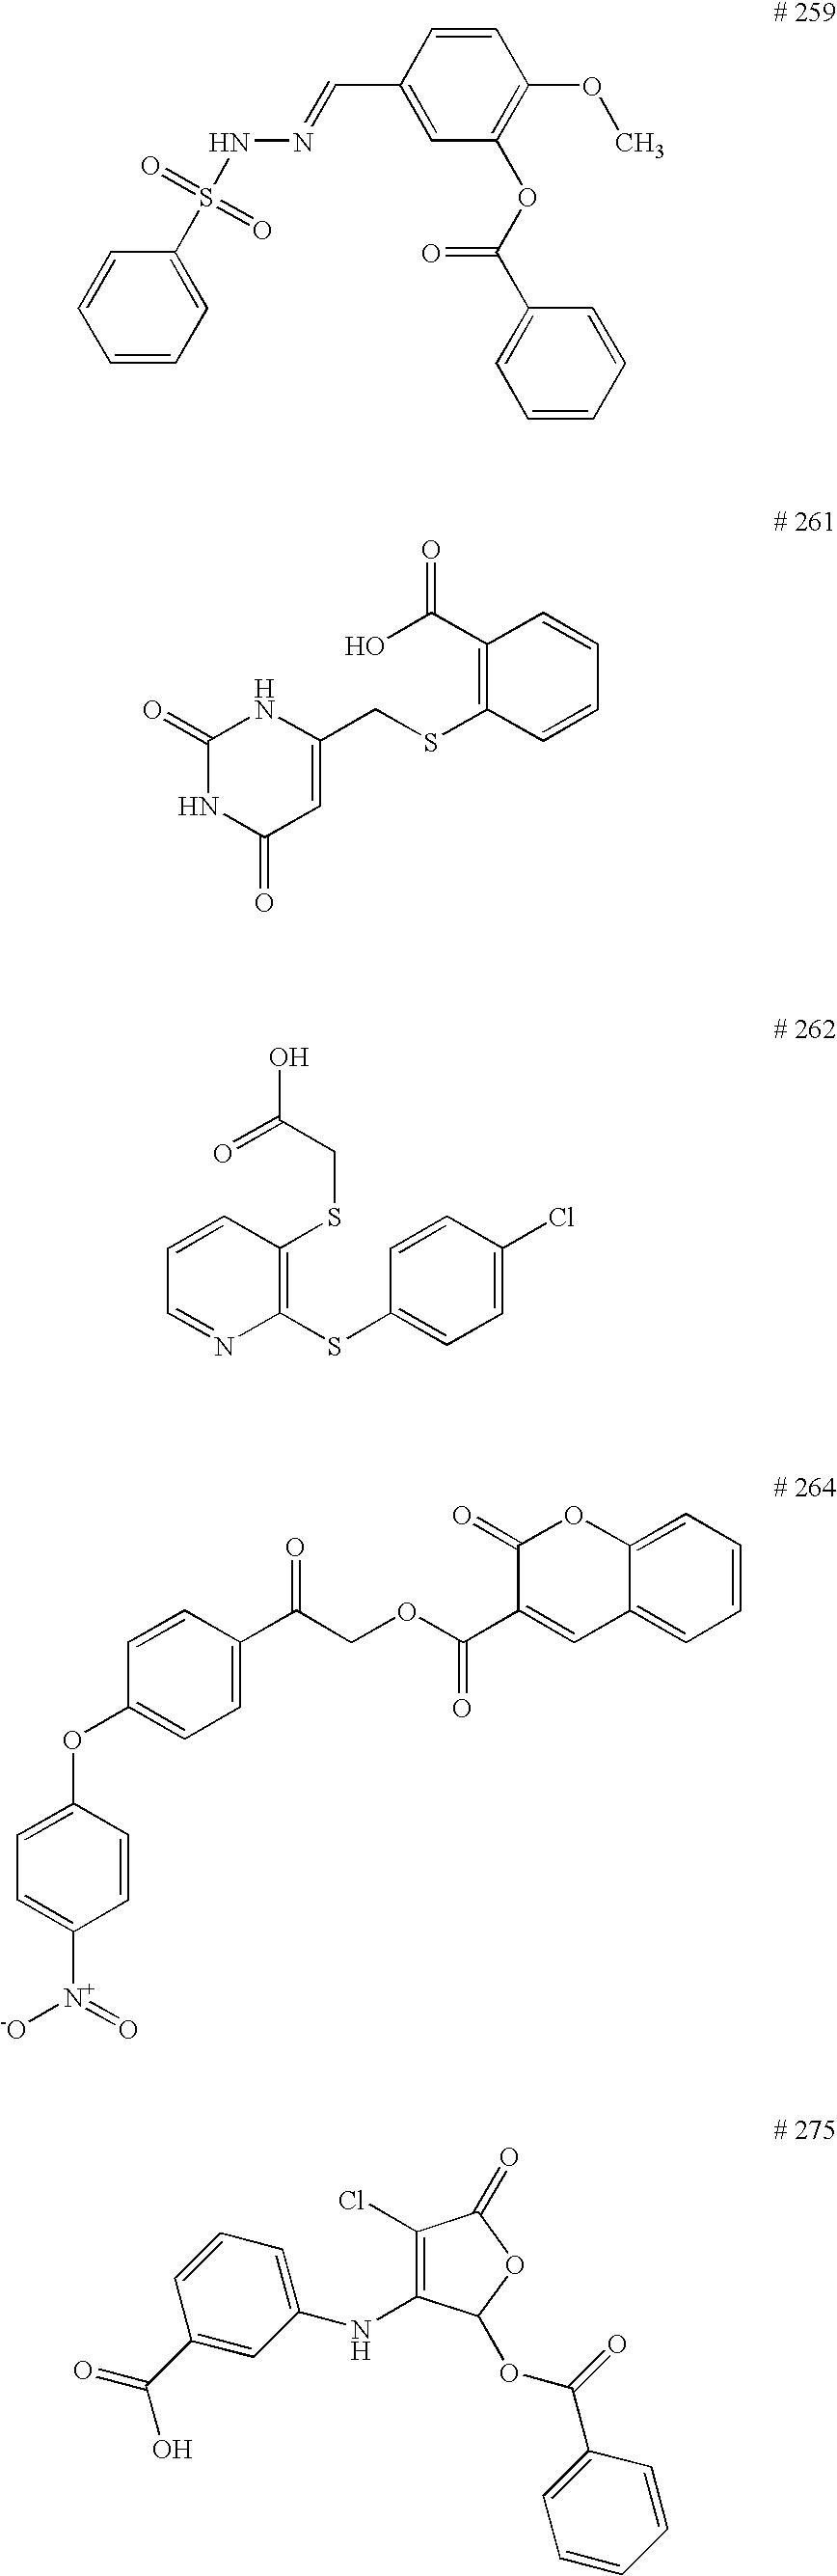 Figure US20070196395A1-20070823-C00104